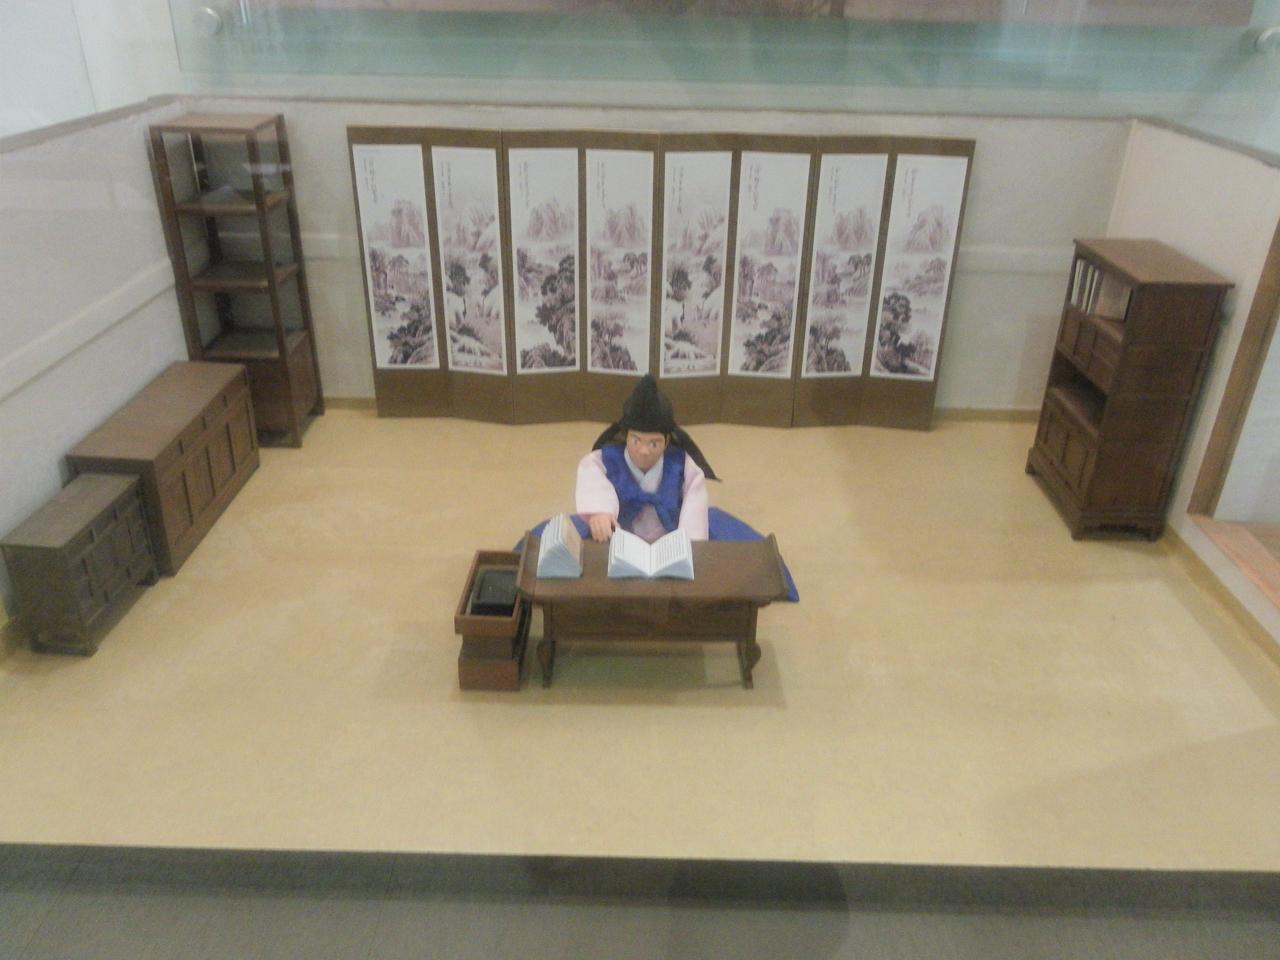 조선시대 아동. 경기도 남양주시 조안면의 다산(정약용) 유적지에서 찍은 사진.